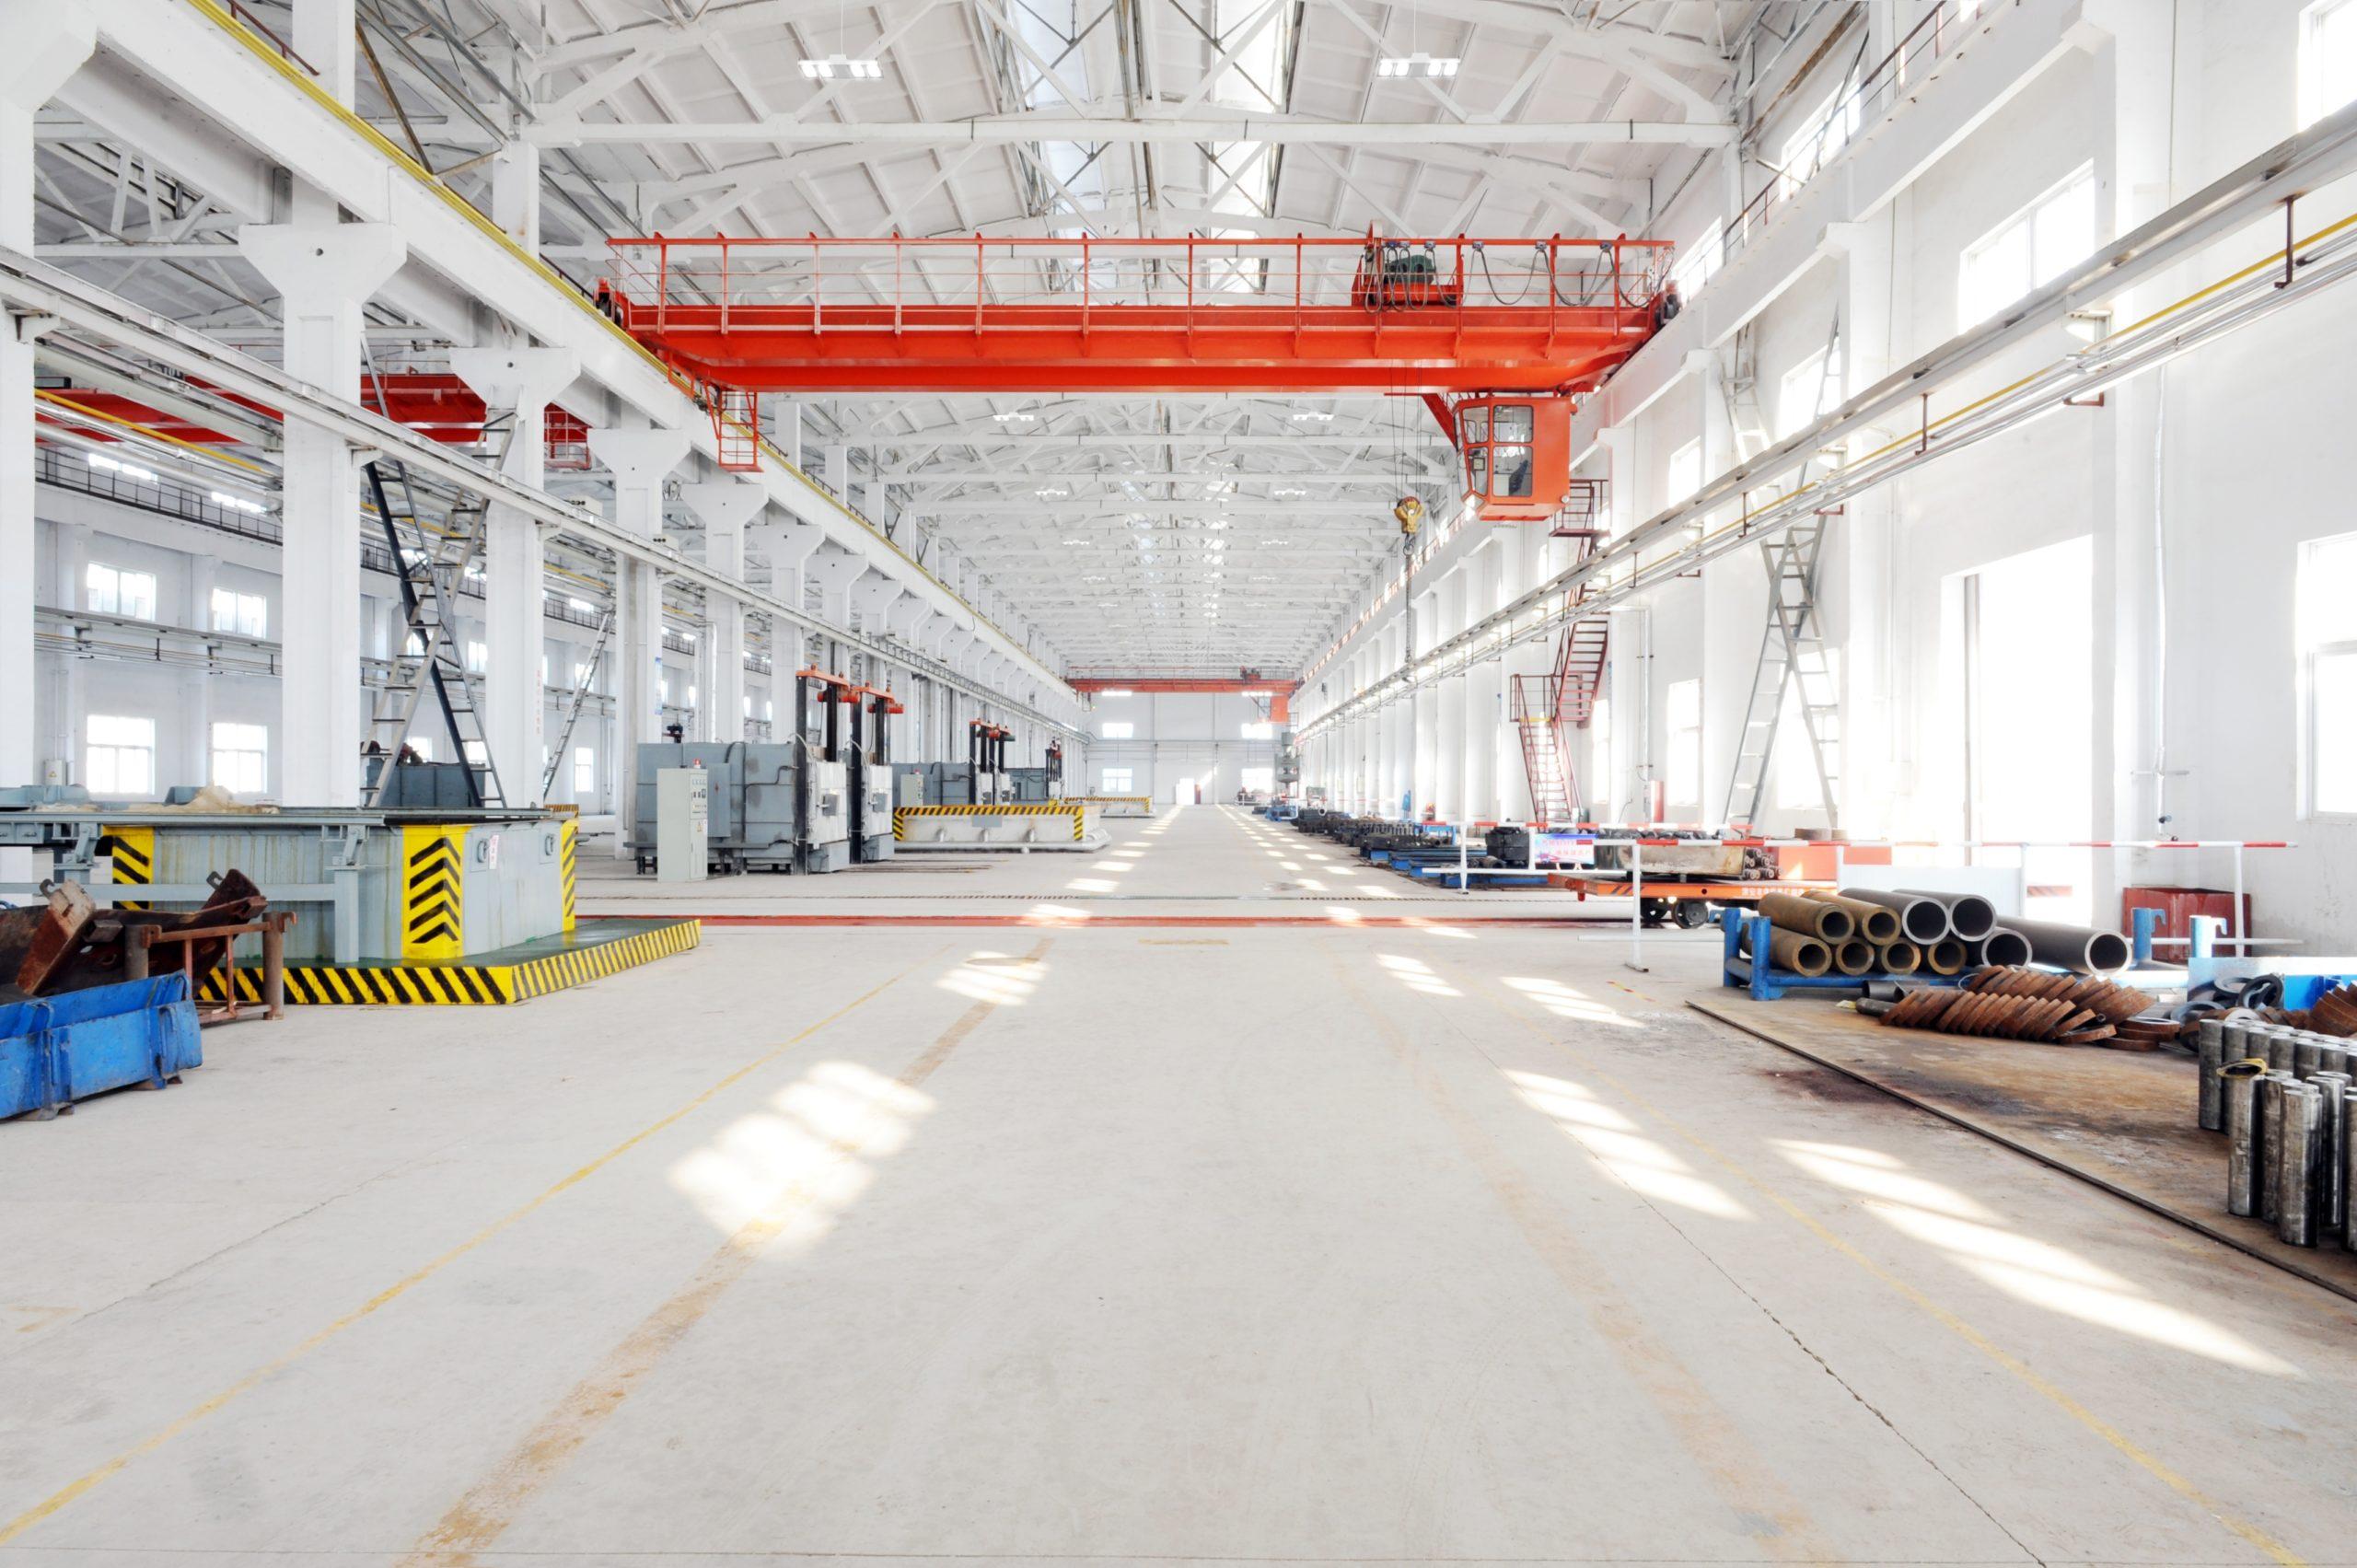 Fabrikhalle mit Deckenbeleuchtung